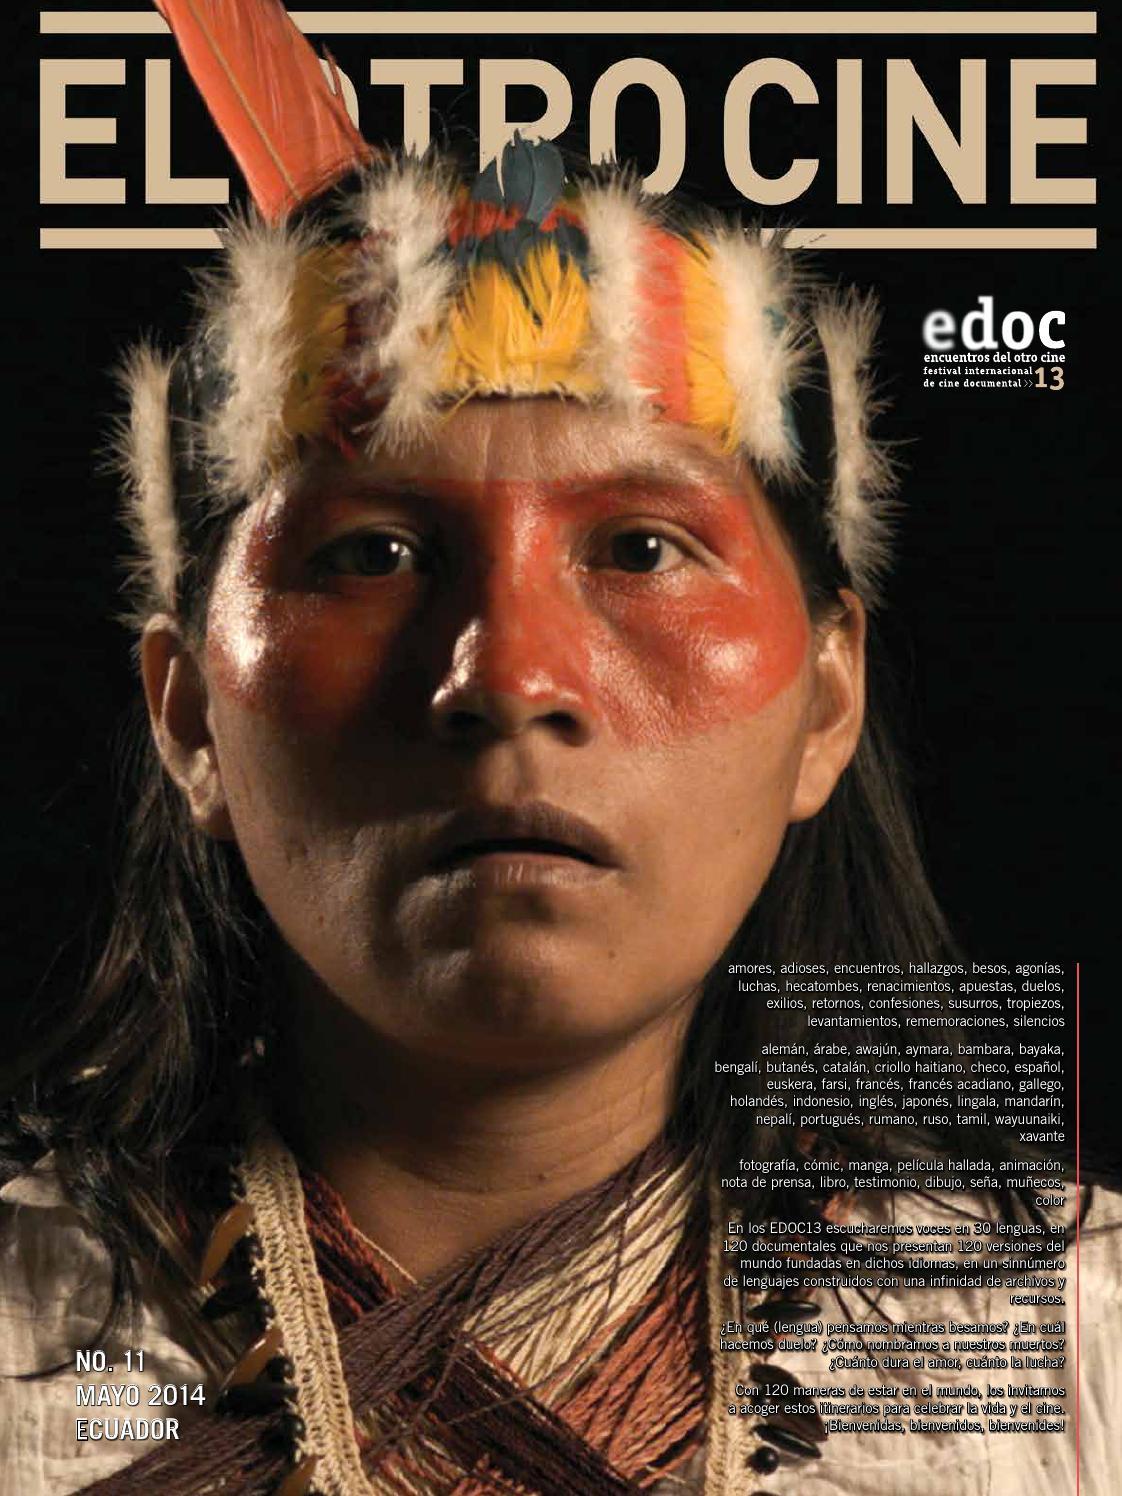 El Otro Cine - EDOC13 by Festival EDOC - Encuentros del Otro Cine ...